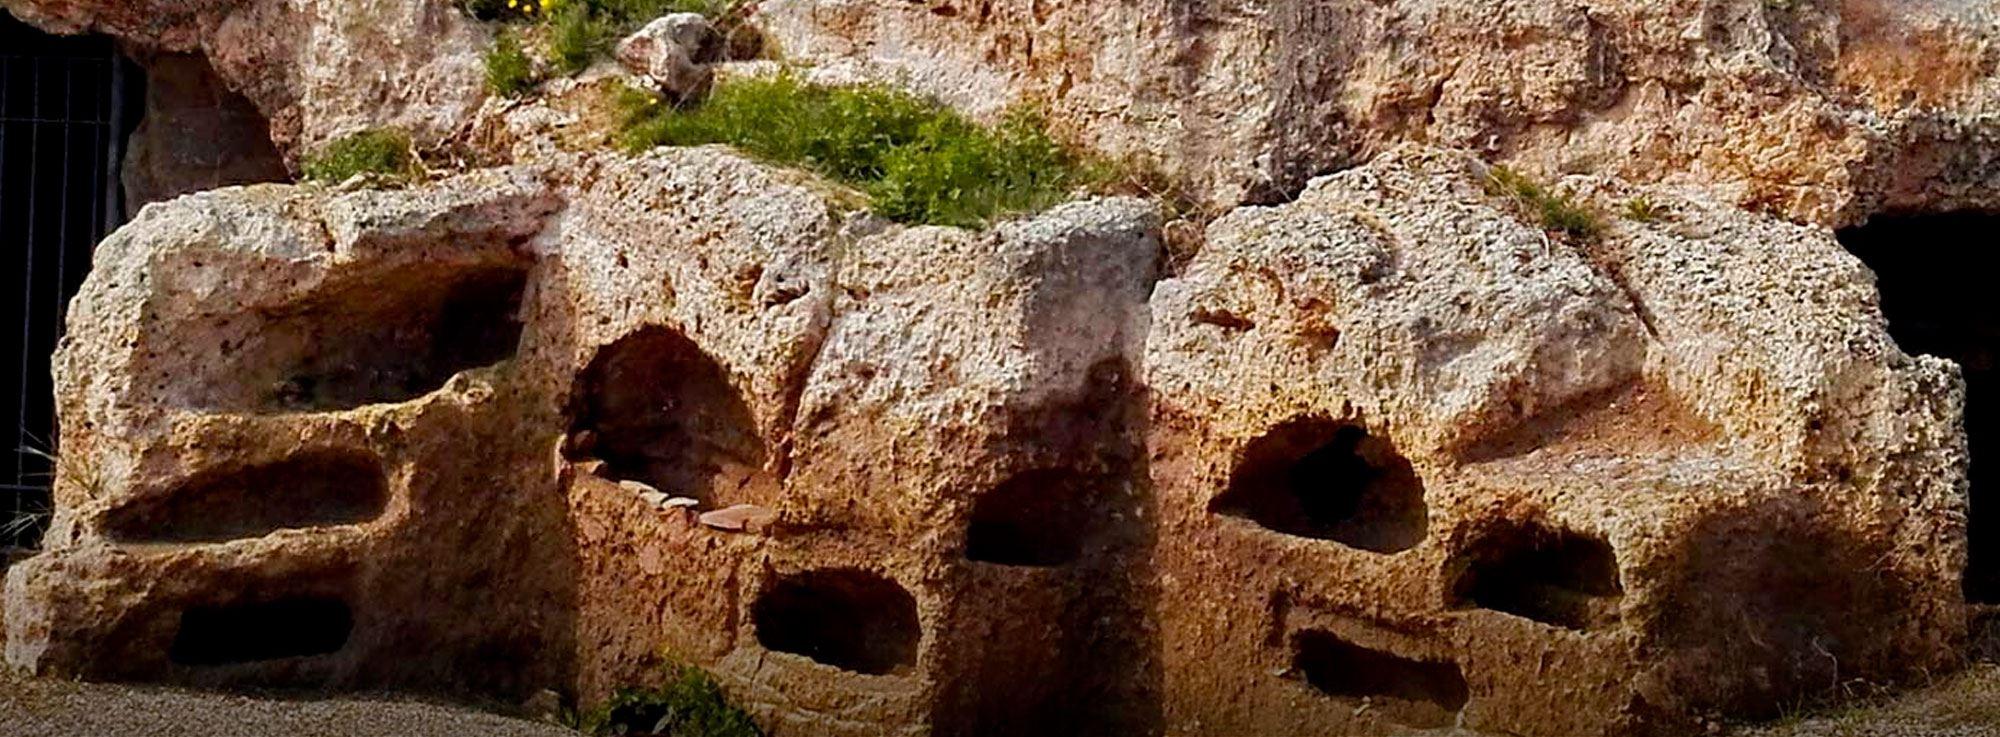 Manfredonia: I luoghi della Passione